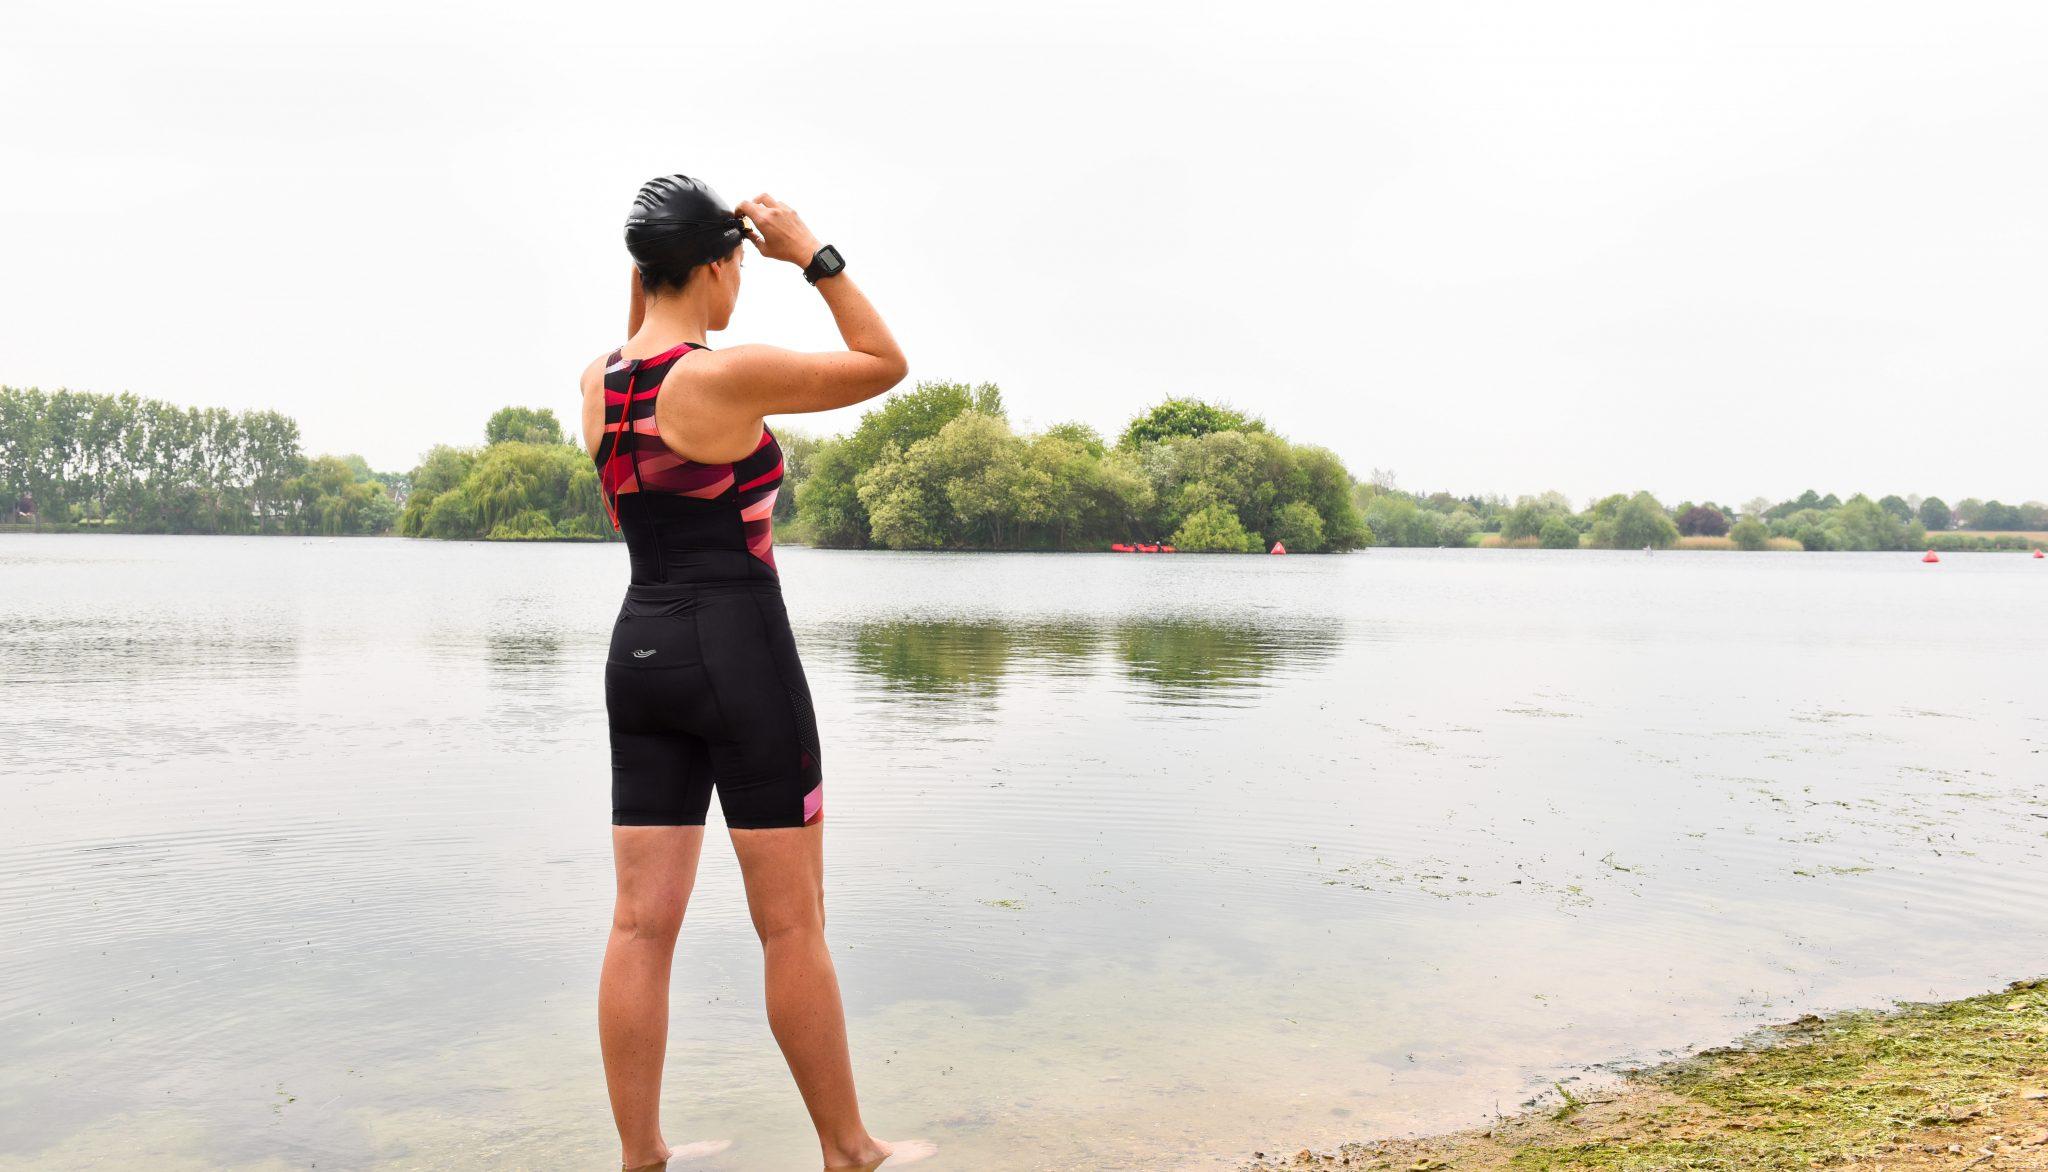 Freiwasserschwimmen – Tipps für Einsteigerinnen